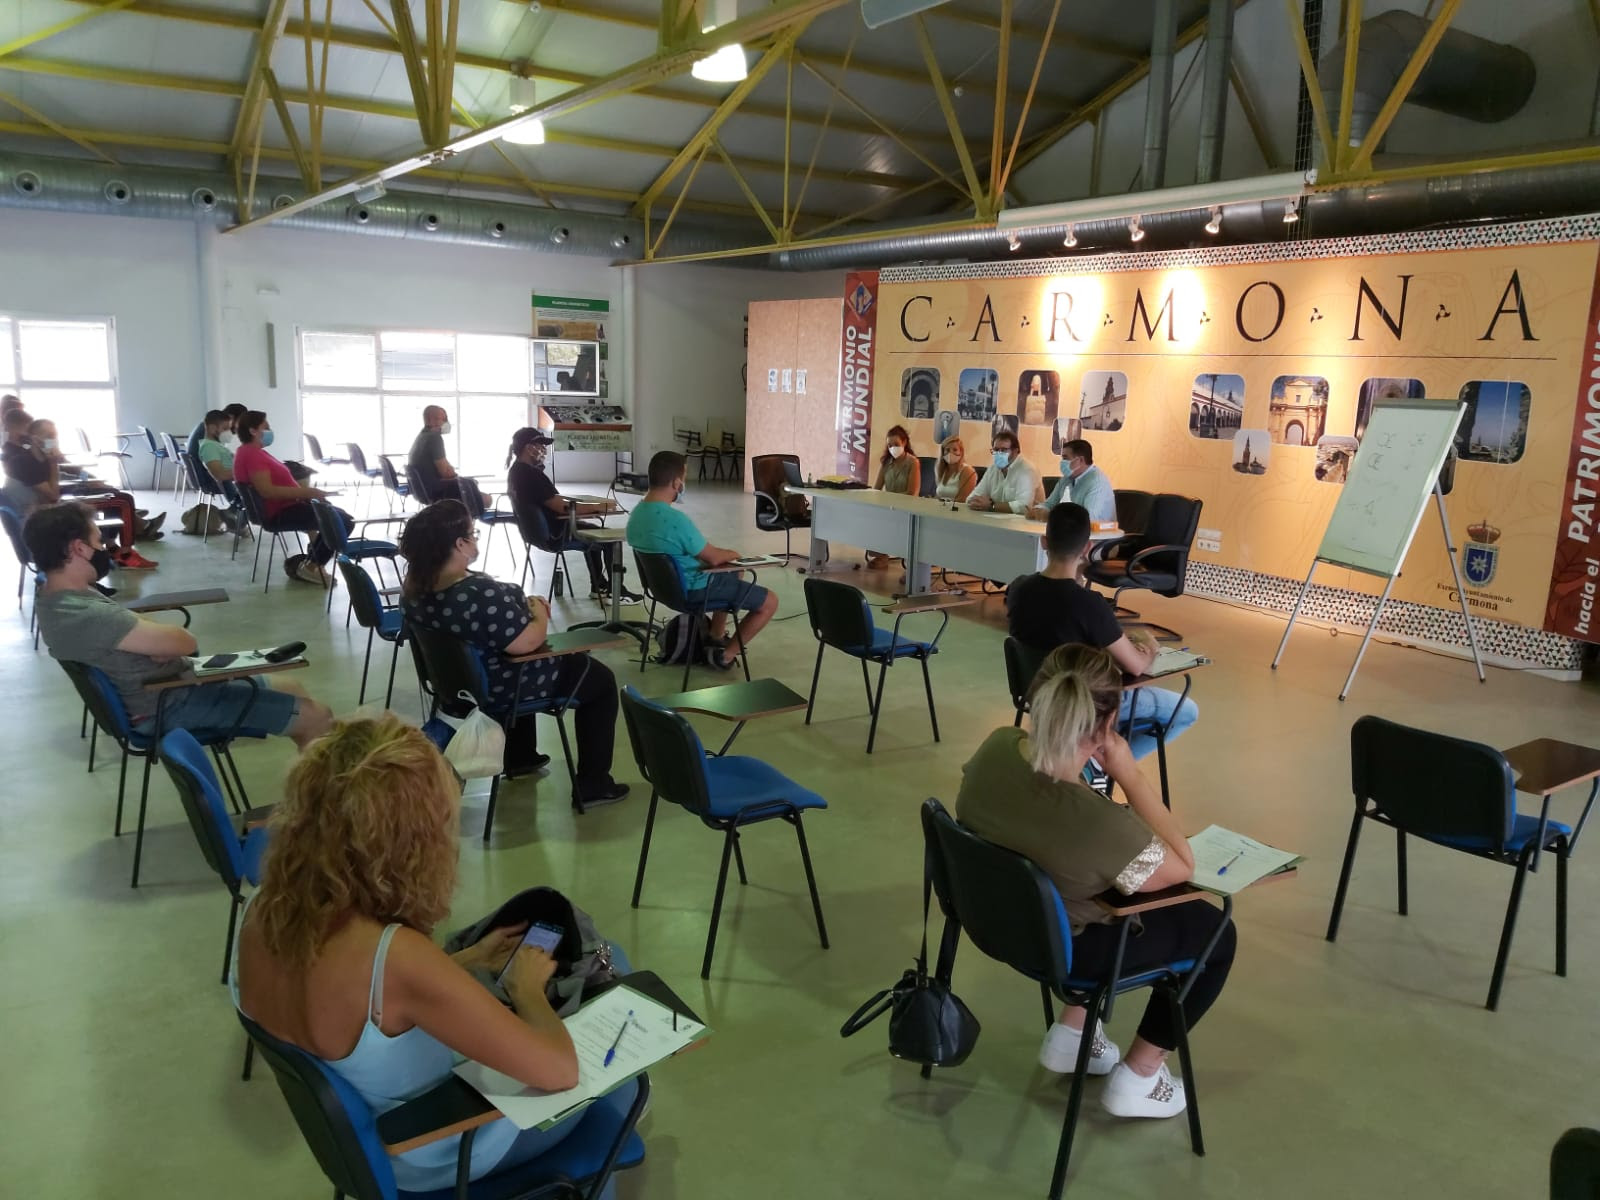 Curso formación Carmona.jpeg